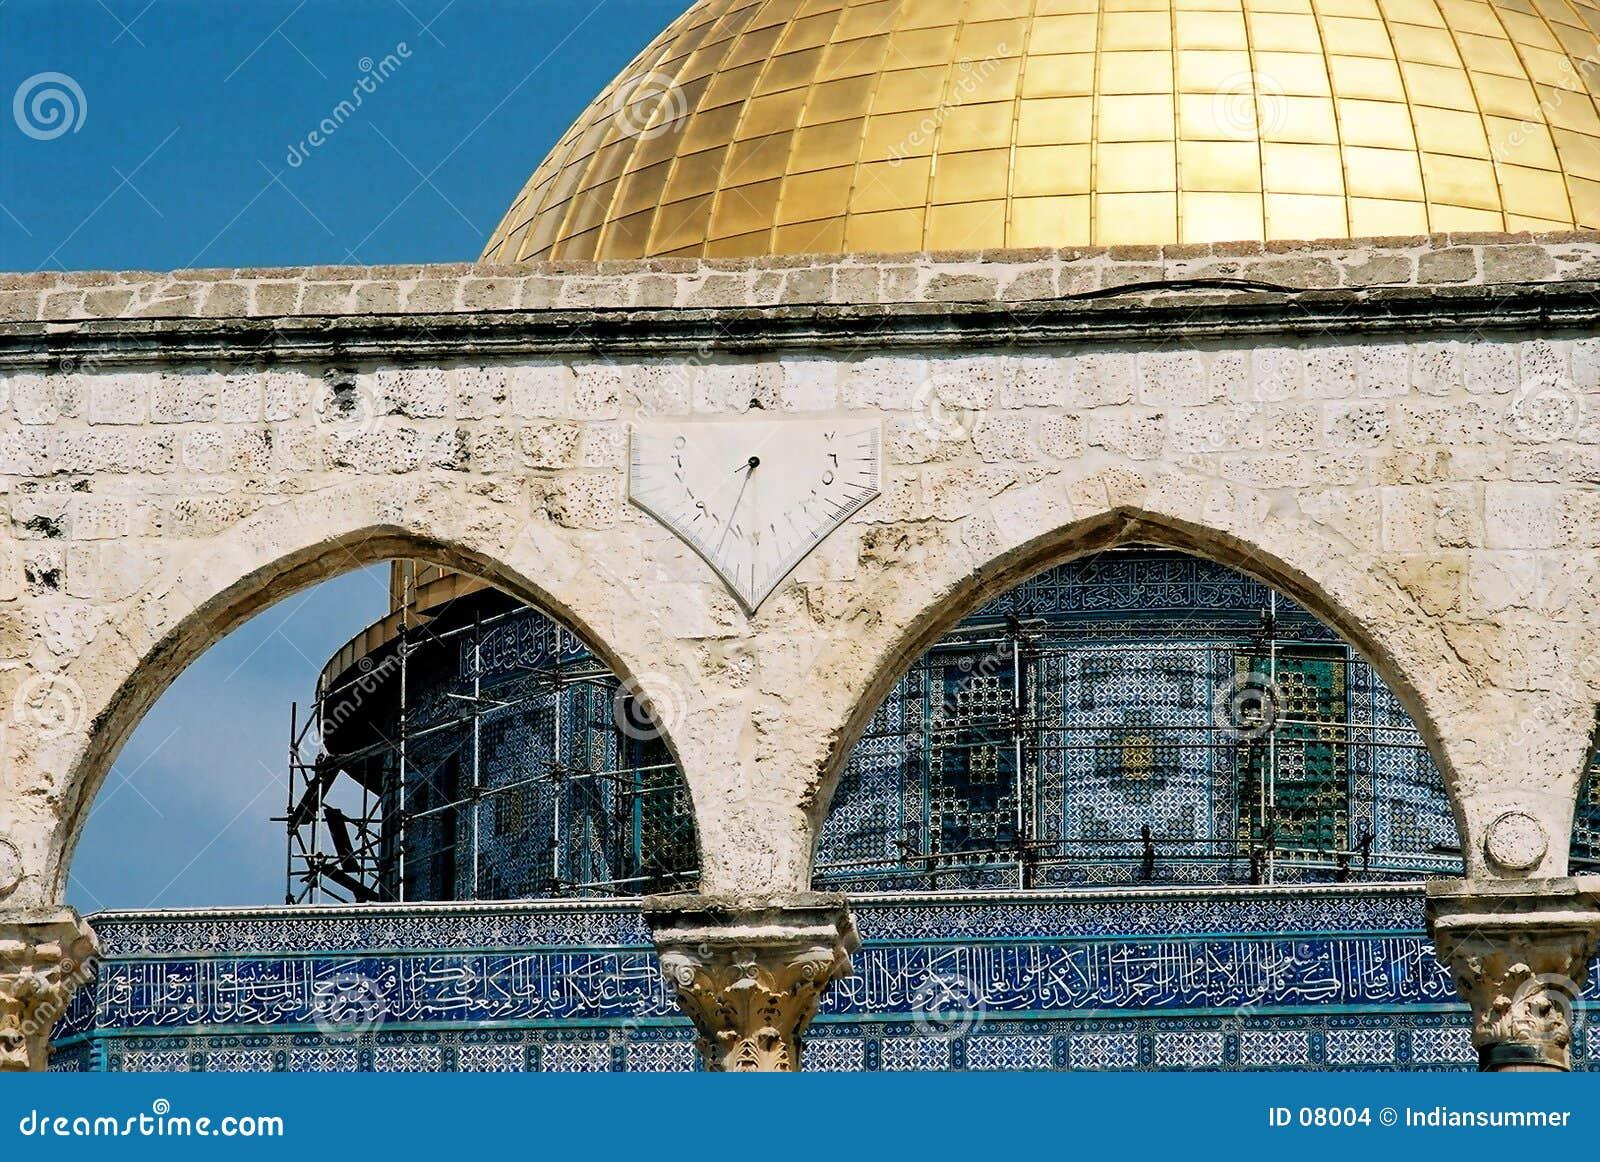 Omar moskee